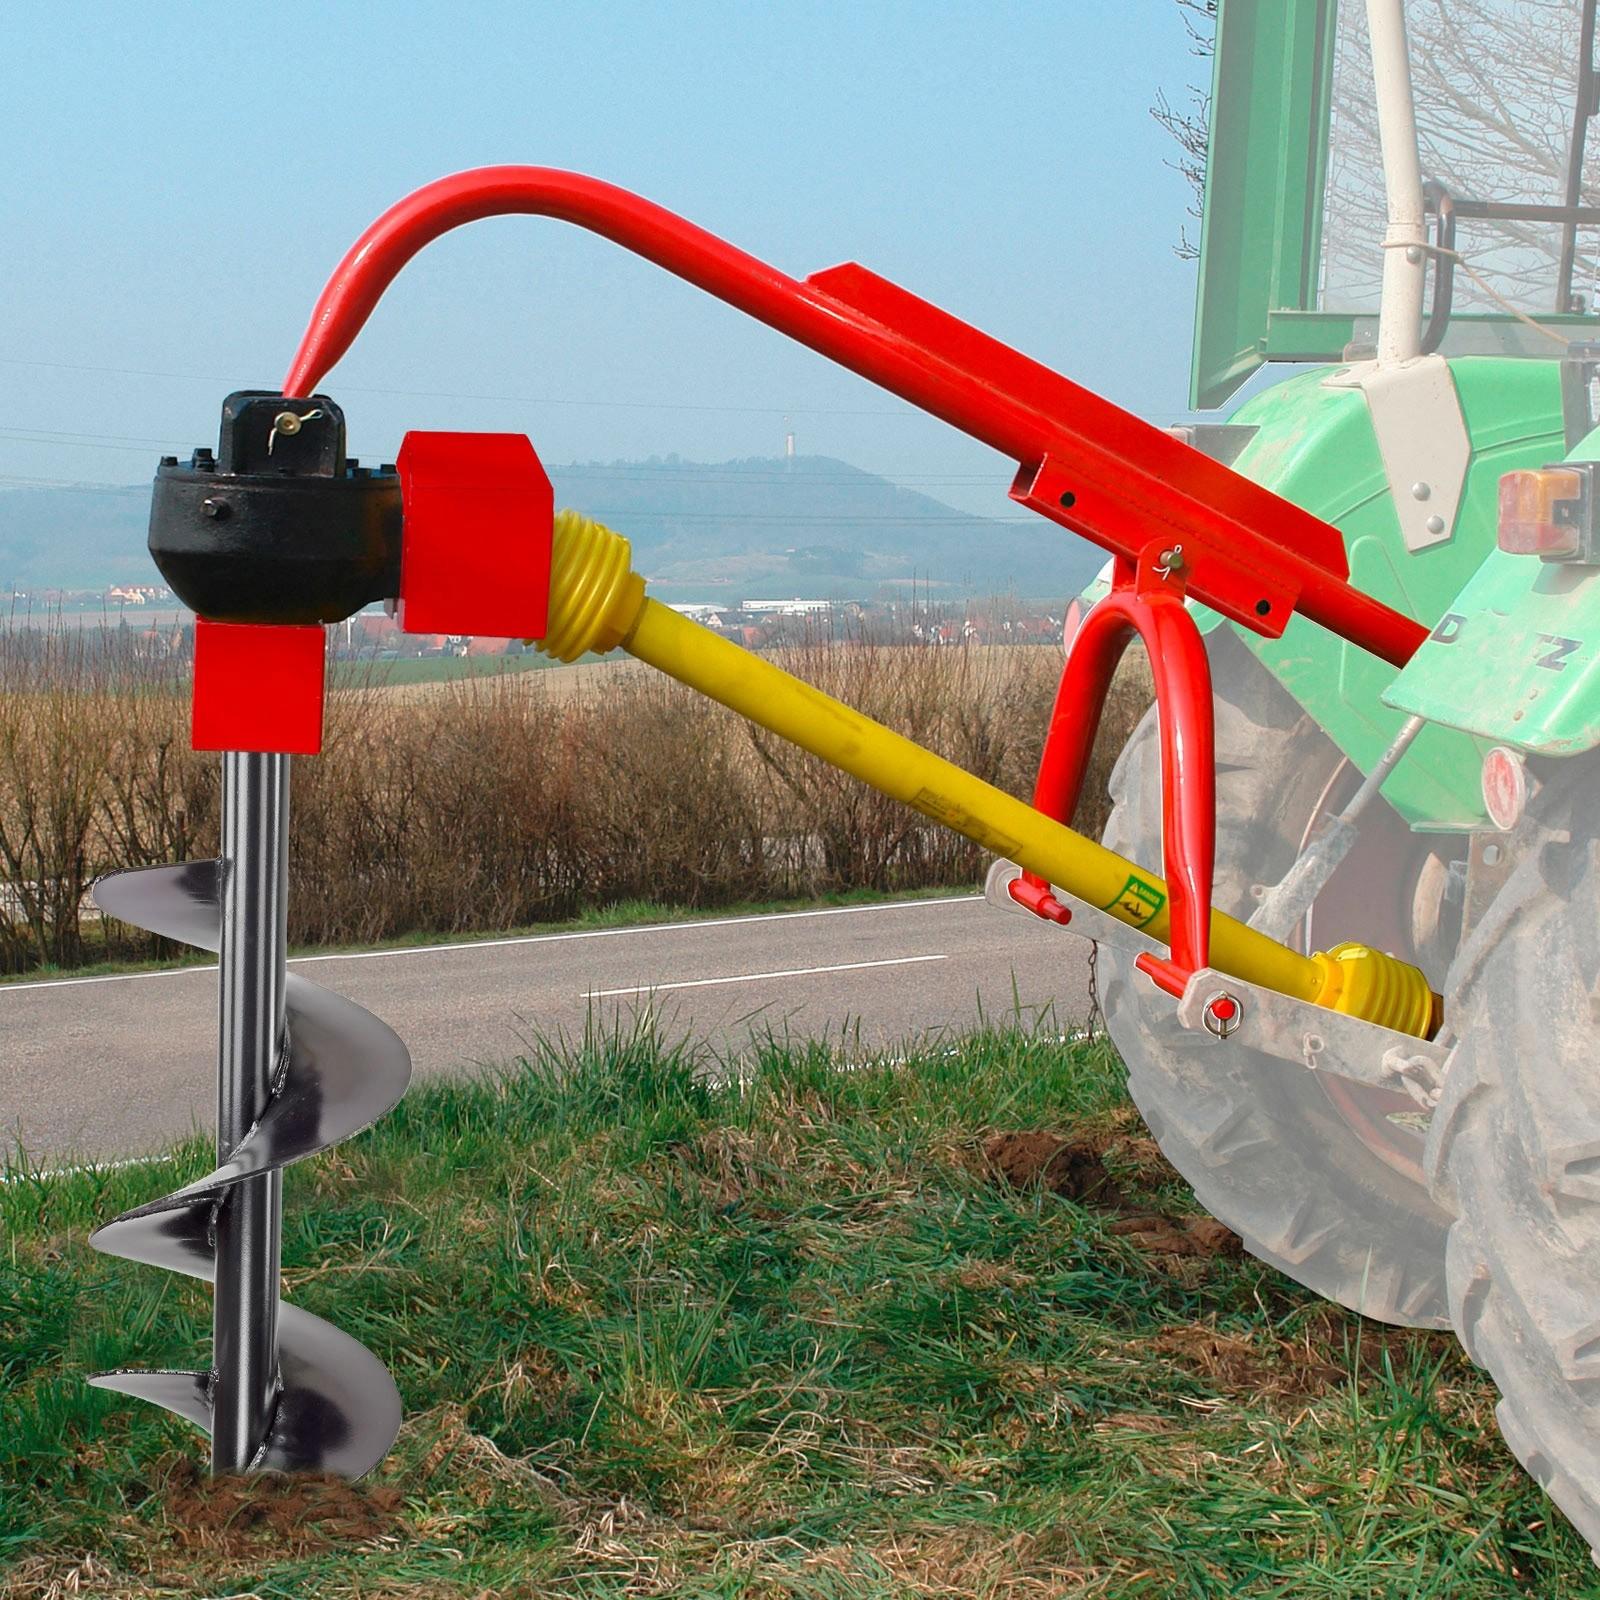 Dema Zapfwellen Erdbohrer / Pfahlbohrer 350 mm mit Zapfwelle im Set 61807-67947